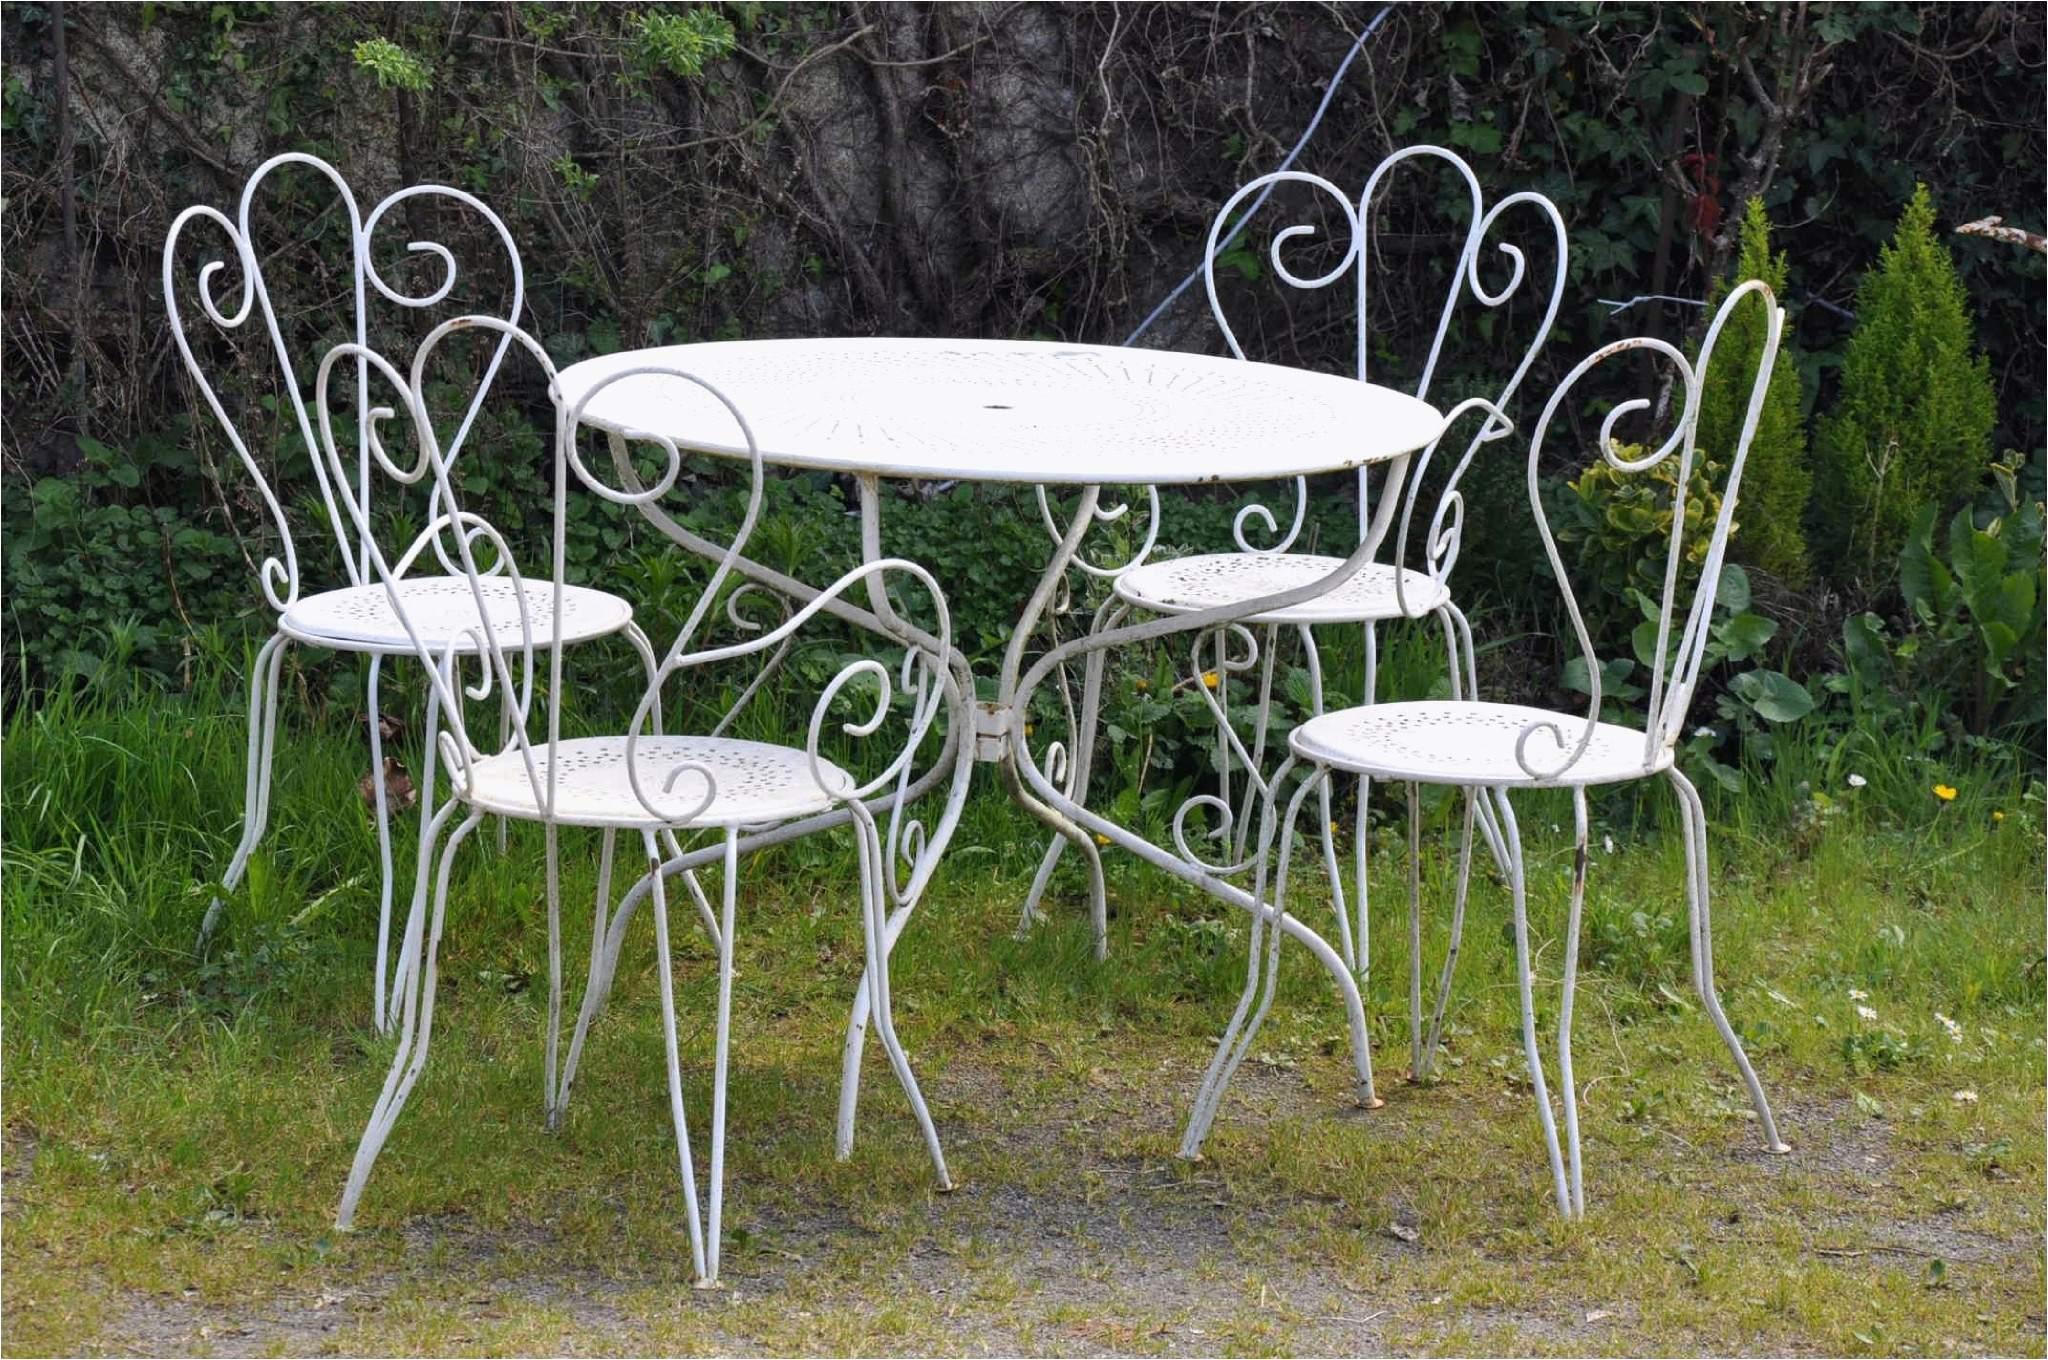 Table De Jardin Ronde En Bois Leclerc Beau Photos Table Pliante De Jardin Moderne Abri De Jardin En Bois Leclerc Ainsi